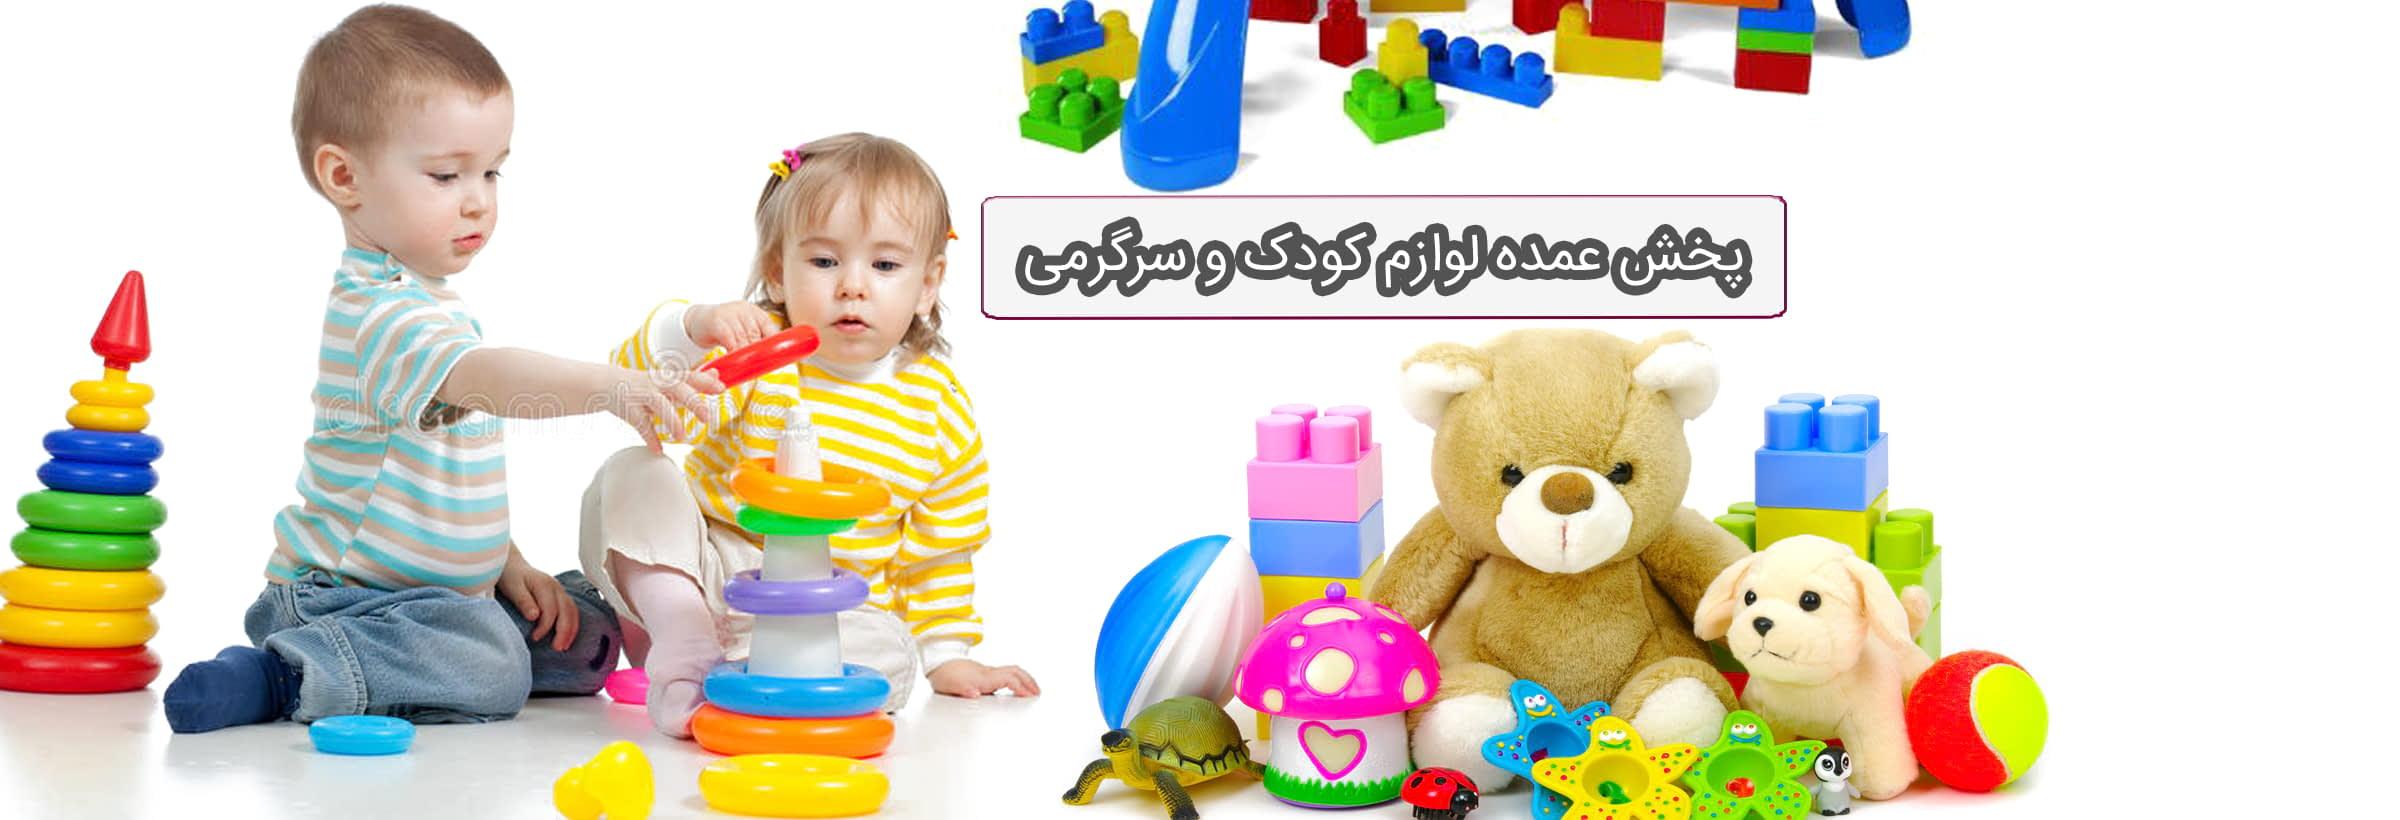 پخش عمده لوازم کودک و سرگرمی صالح آباد